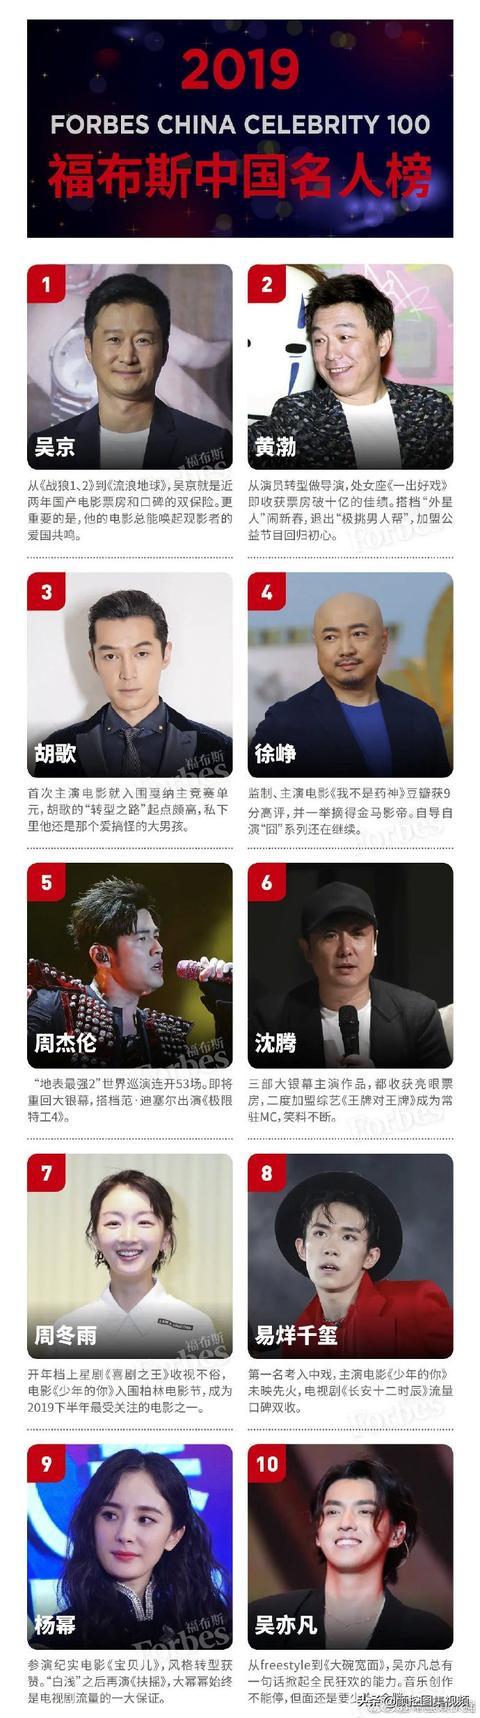 2019年中国福布斯名人榜出炉,有你的爱豆上榜吗?